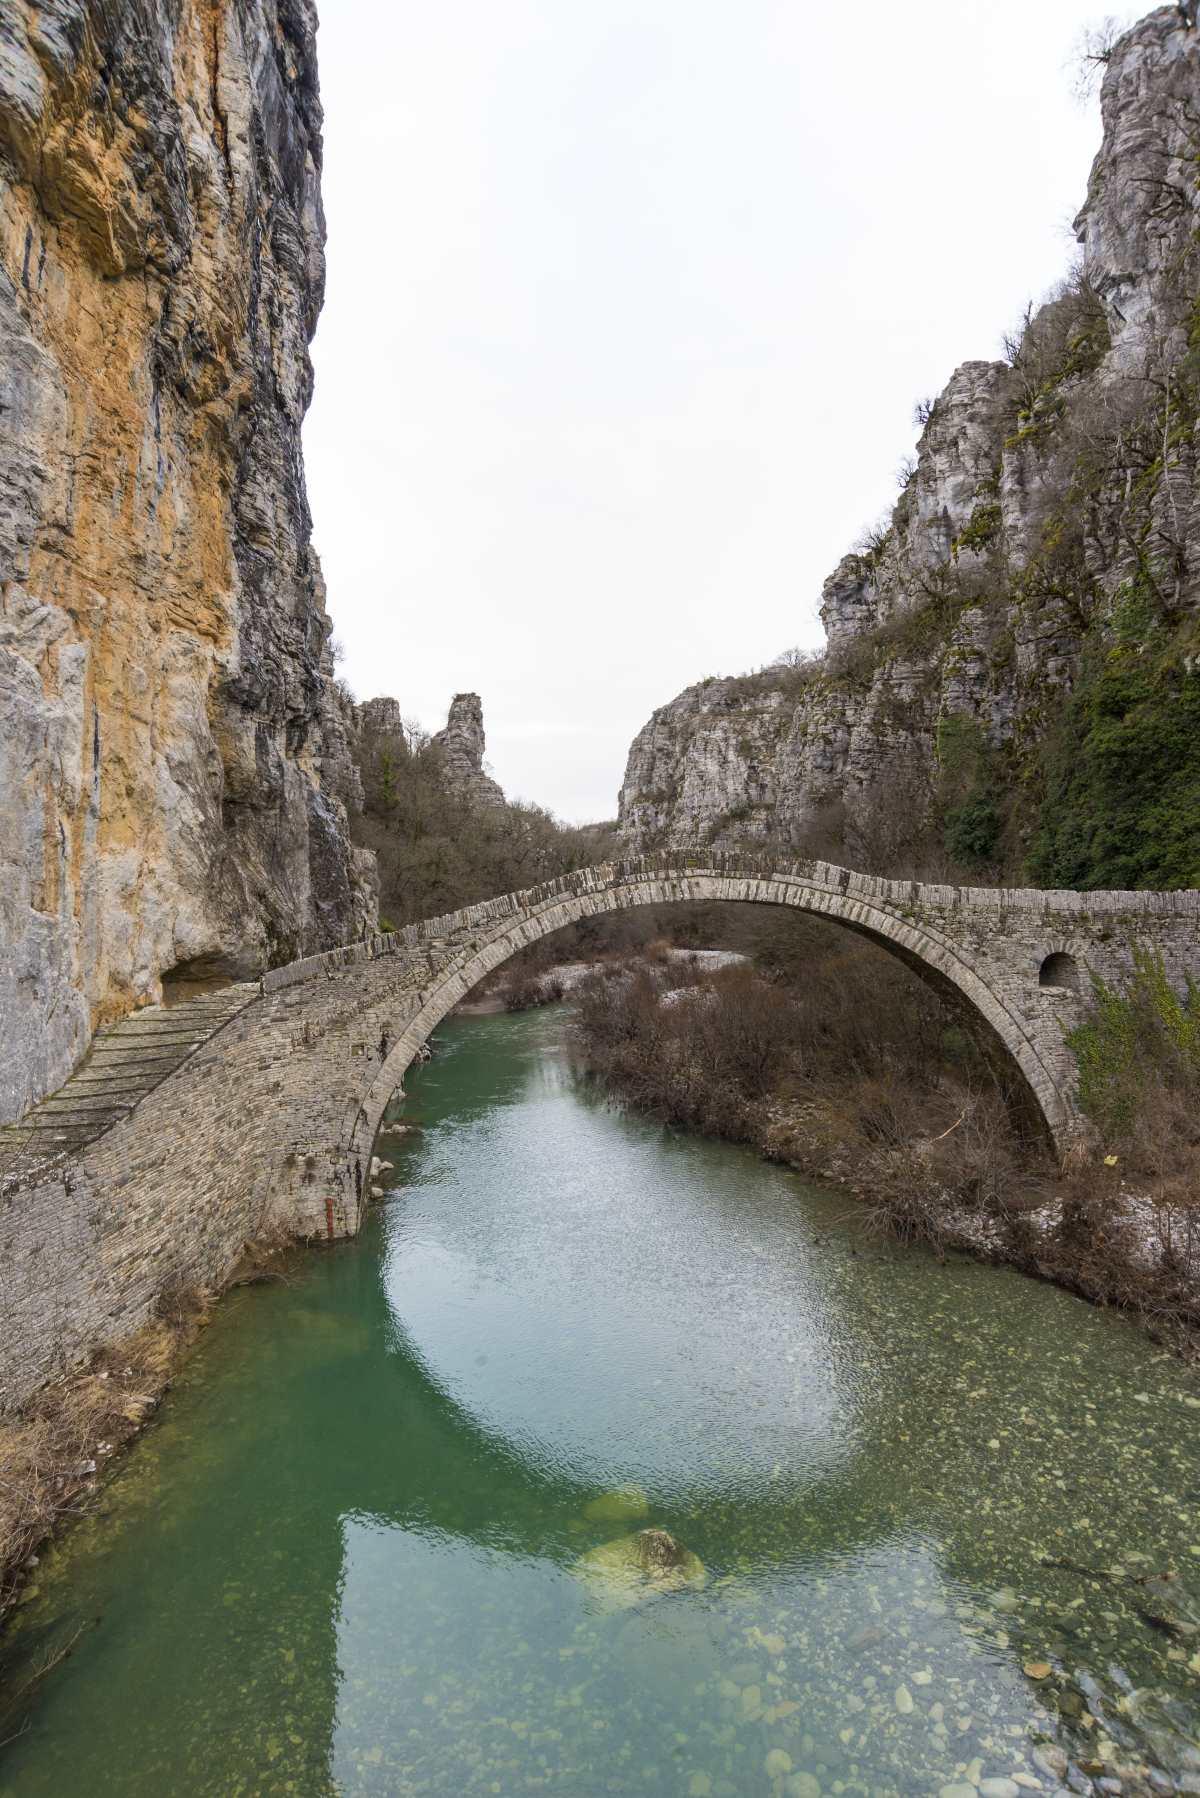 Πάνω στον κεντρικό δρόμο από τους Κήπους με κατεύθυνση το Ζαγόρι, βρίσκεται το γεφύρι του Κόκορη.